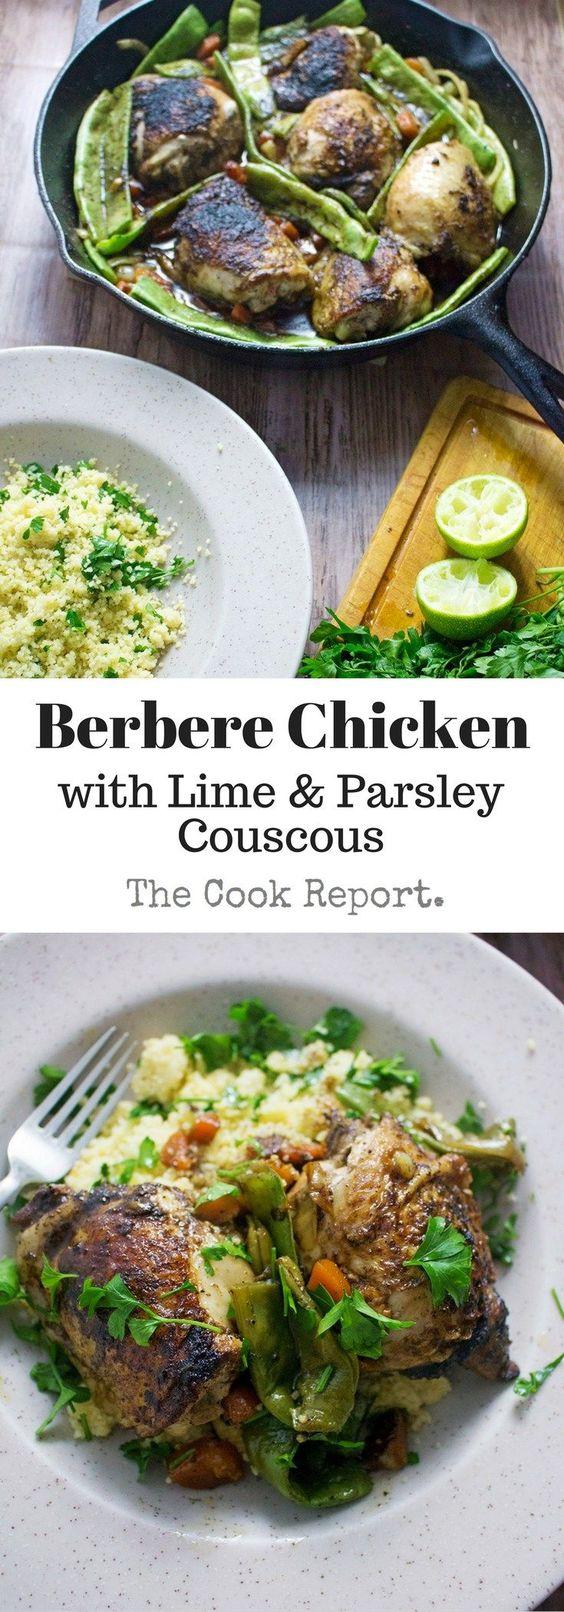 Berbere chicken recipes